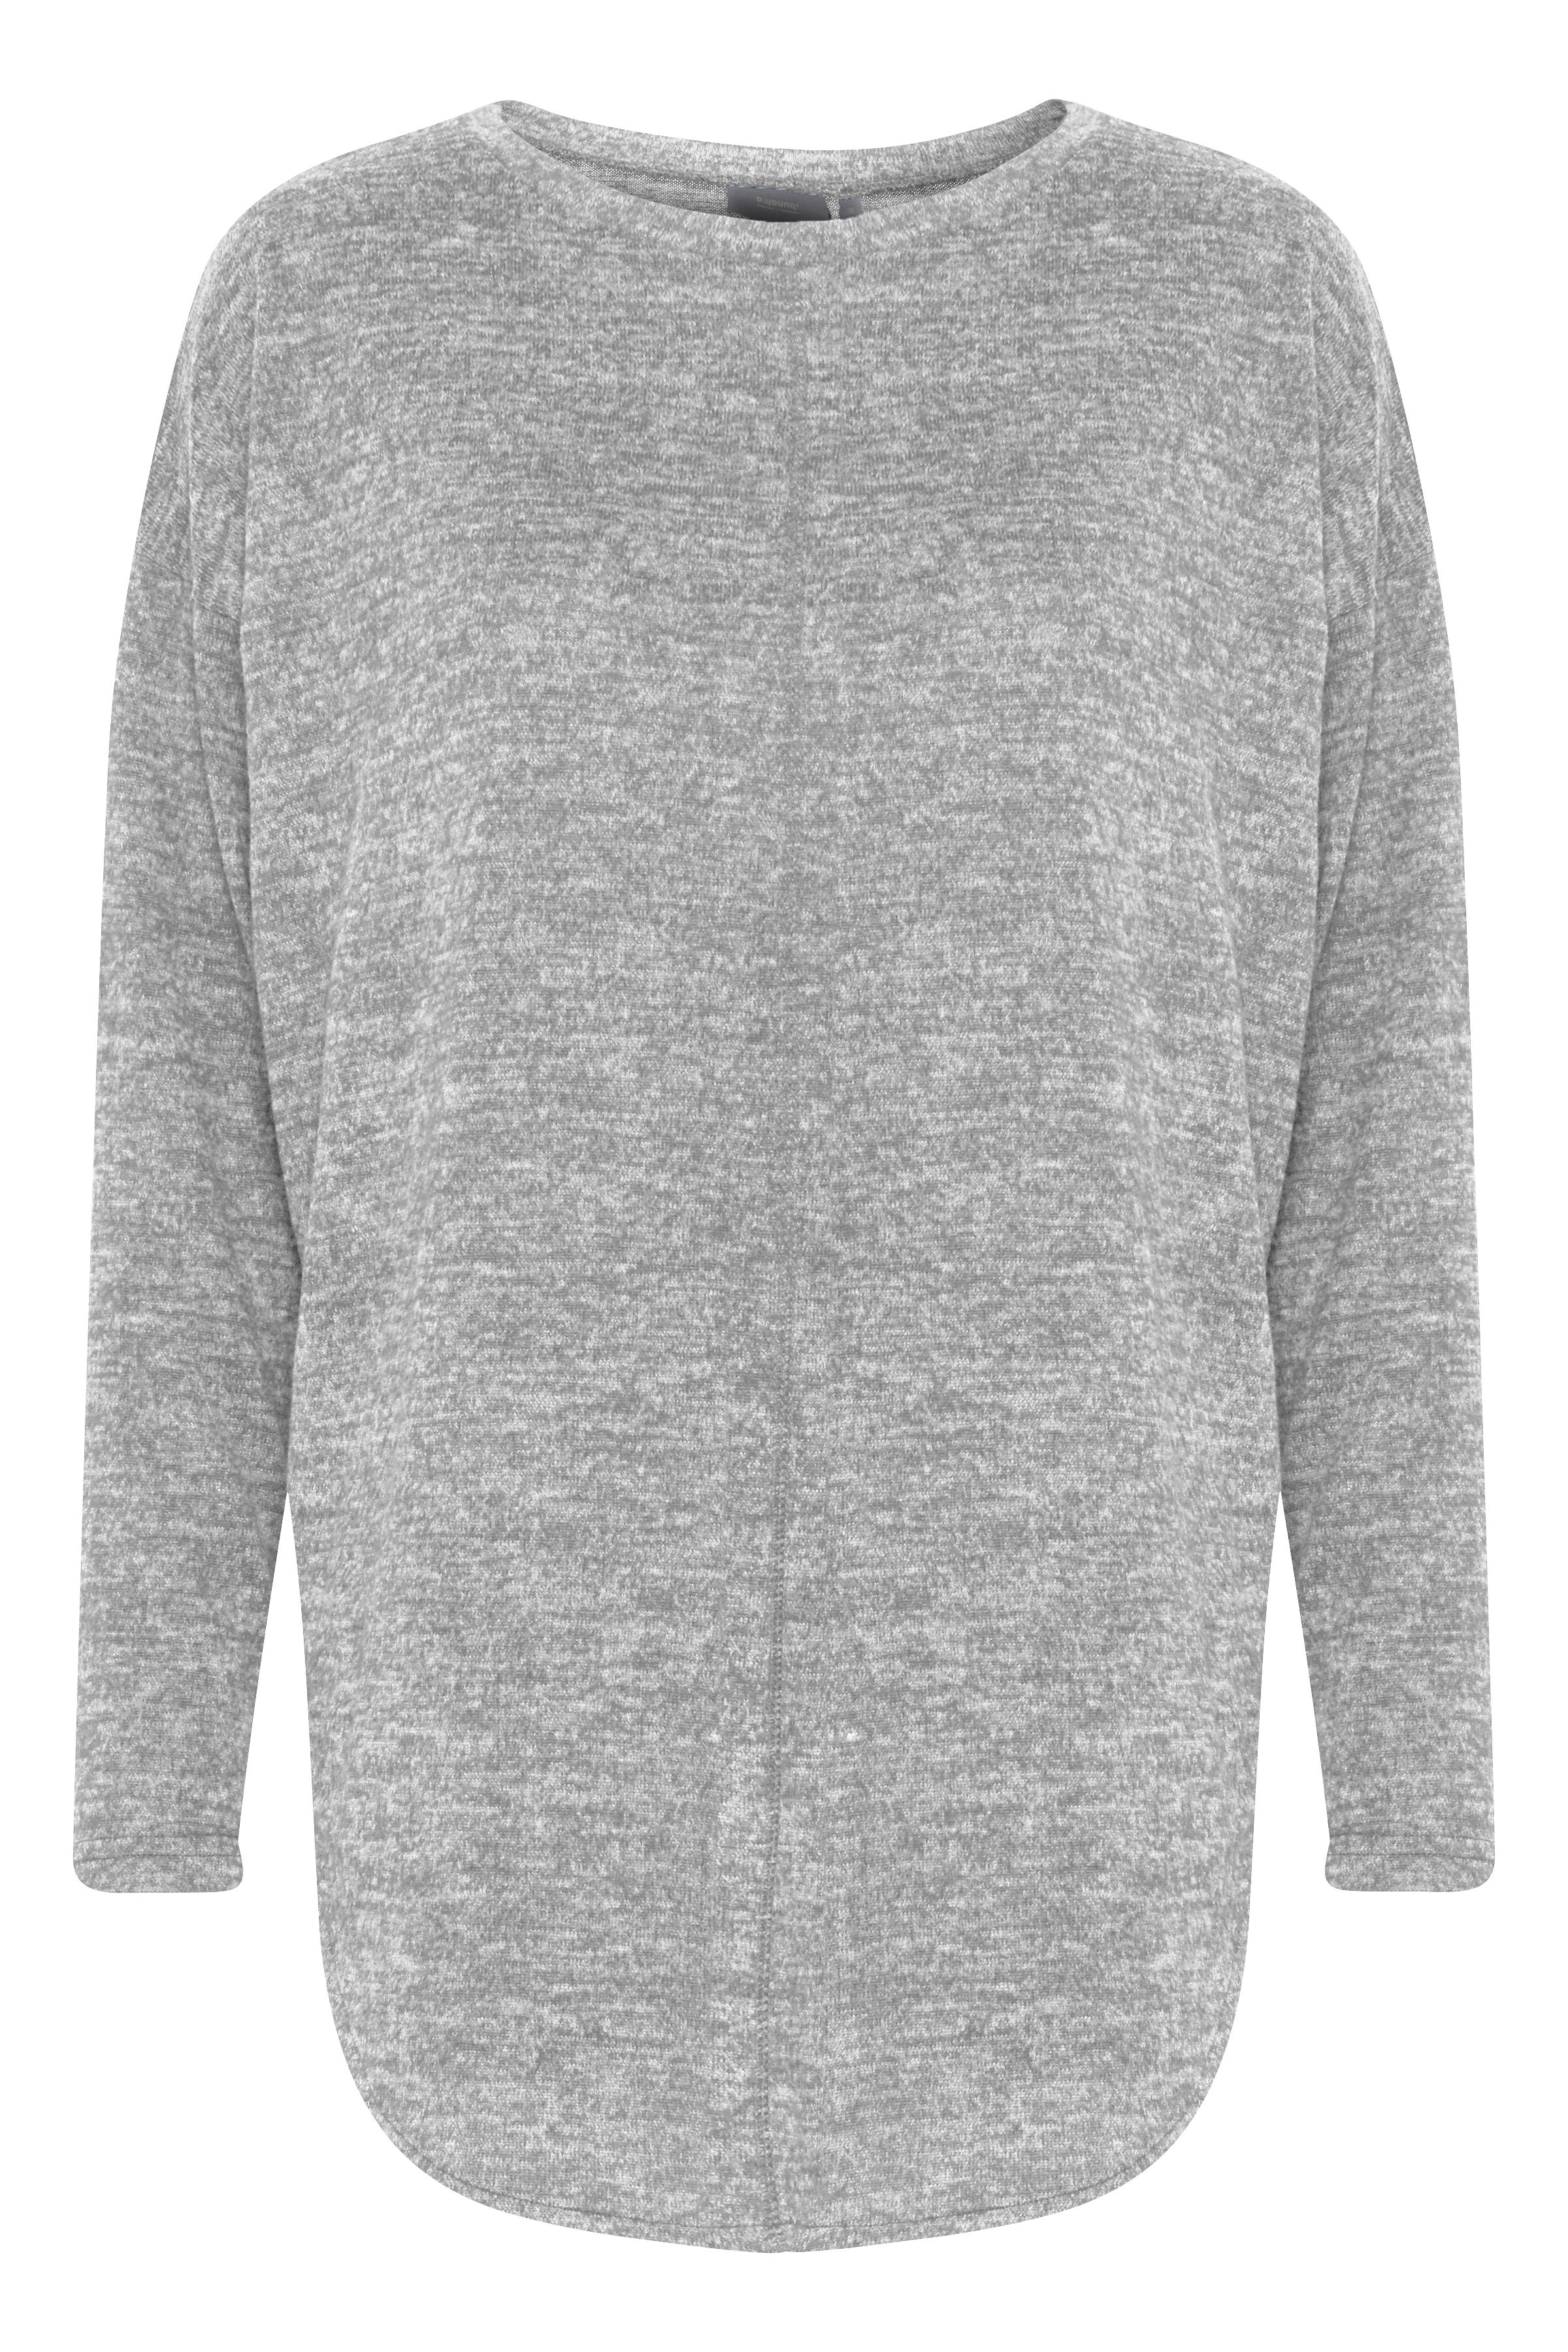 Med. Grey Mel. Jersey-Tunika von b.young – Kaufen Sie Med. Grey Mel. Jersey-Tunika aus Größe XS-L hier